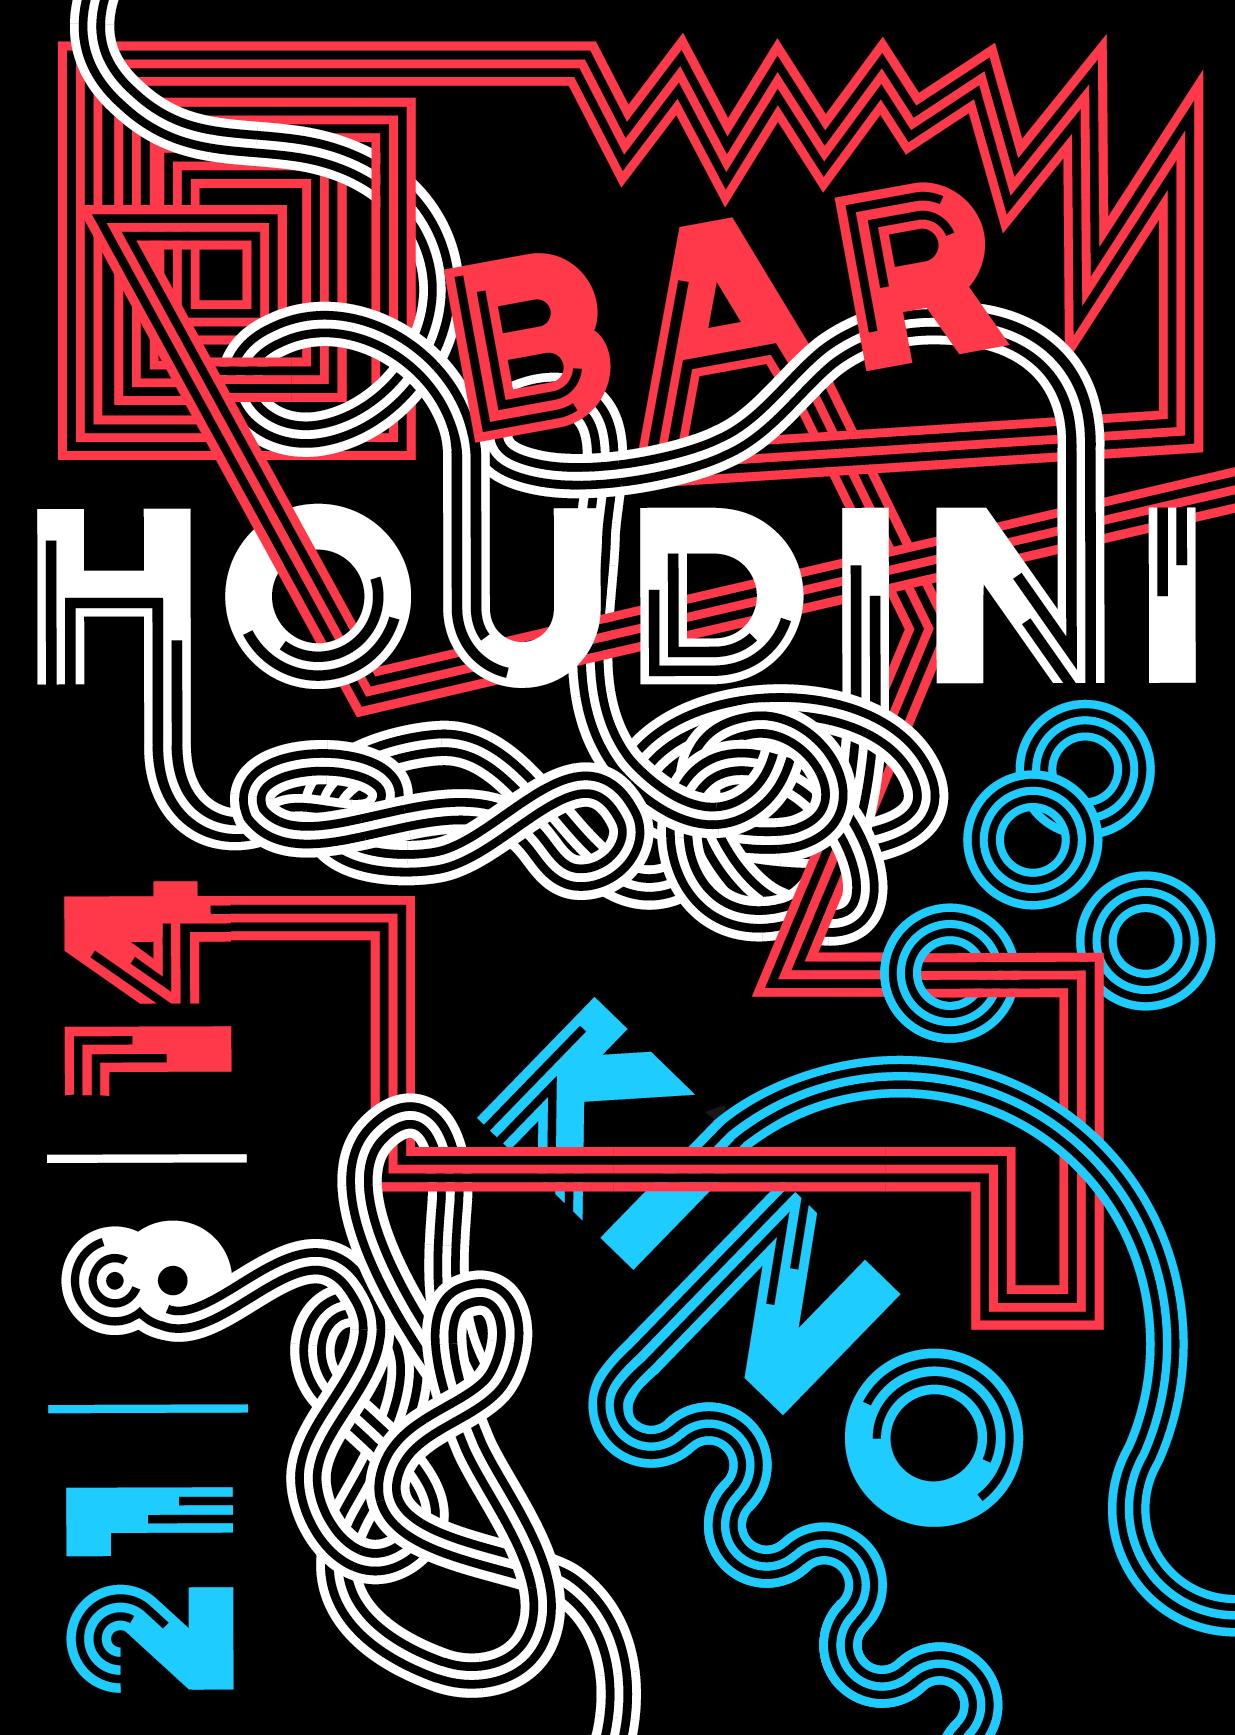 http://adler-kommunikation.ch/wp-content/uploads/2013/10/Houdini_Postkarte.jpg